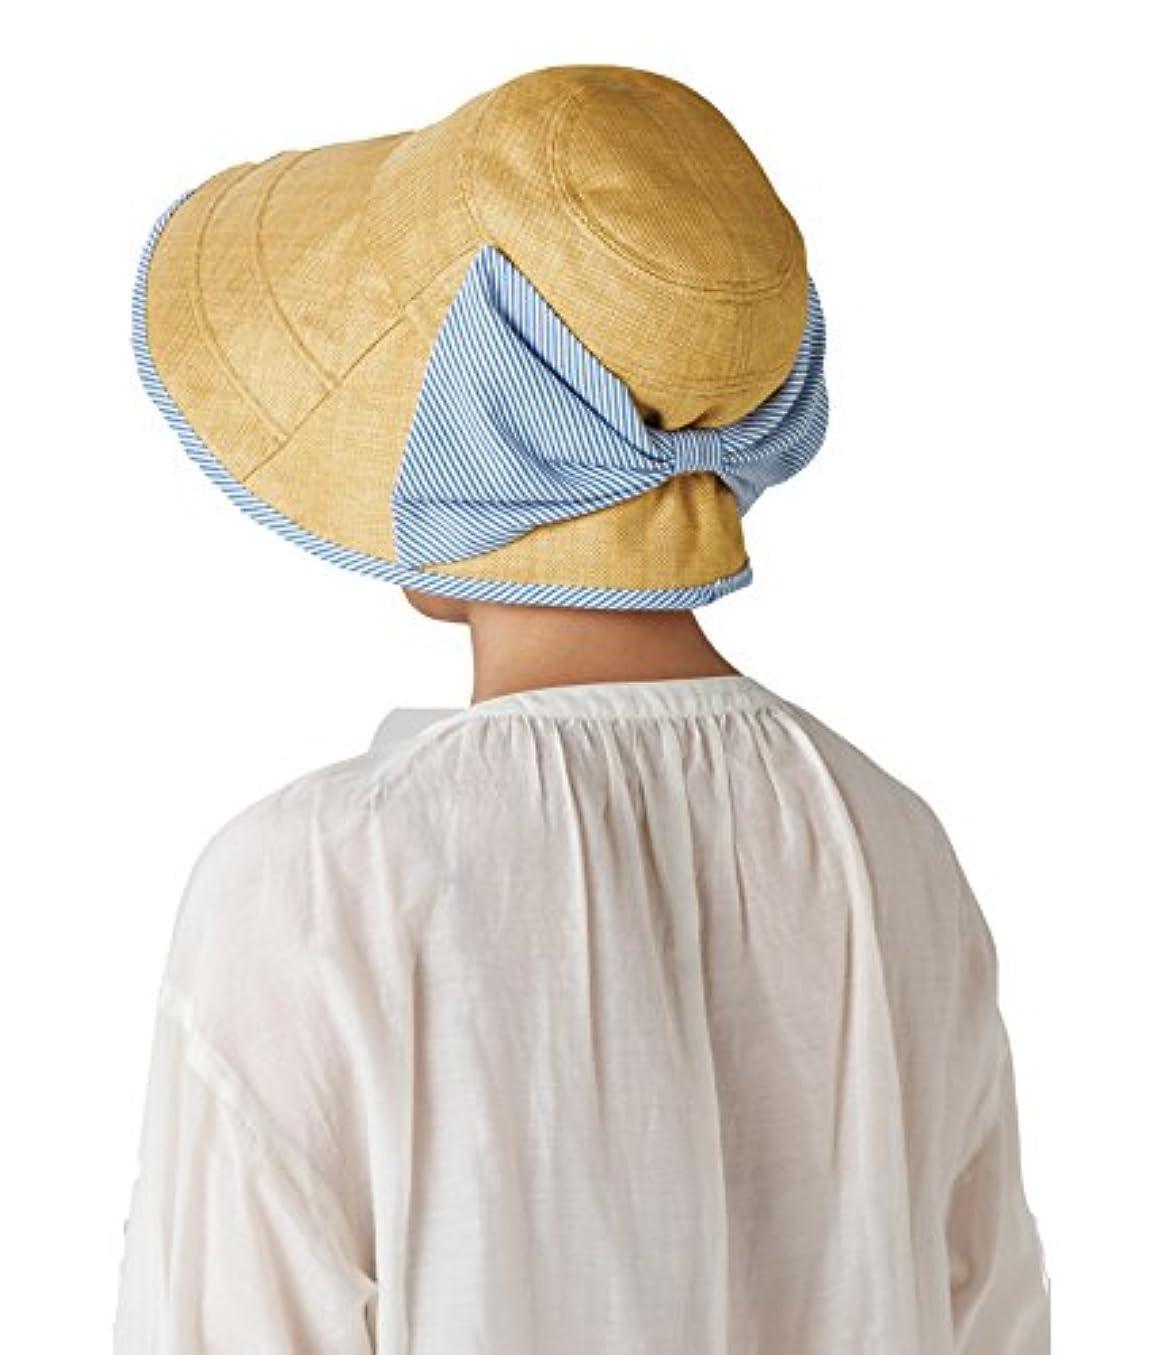 絶滅した章優先権セルヴァン 大きなリボンのつば広日よけ帽子 ベージュ